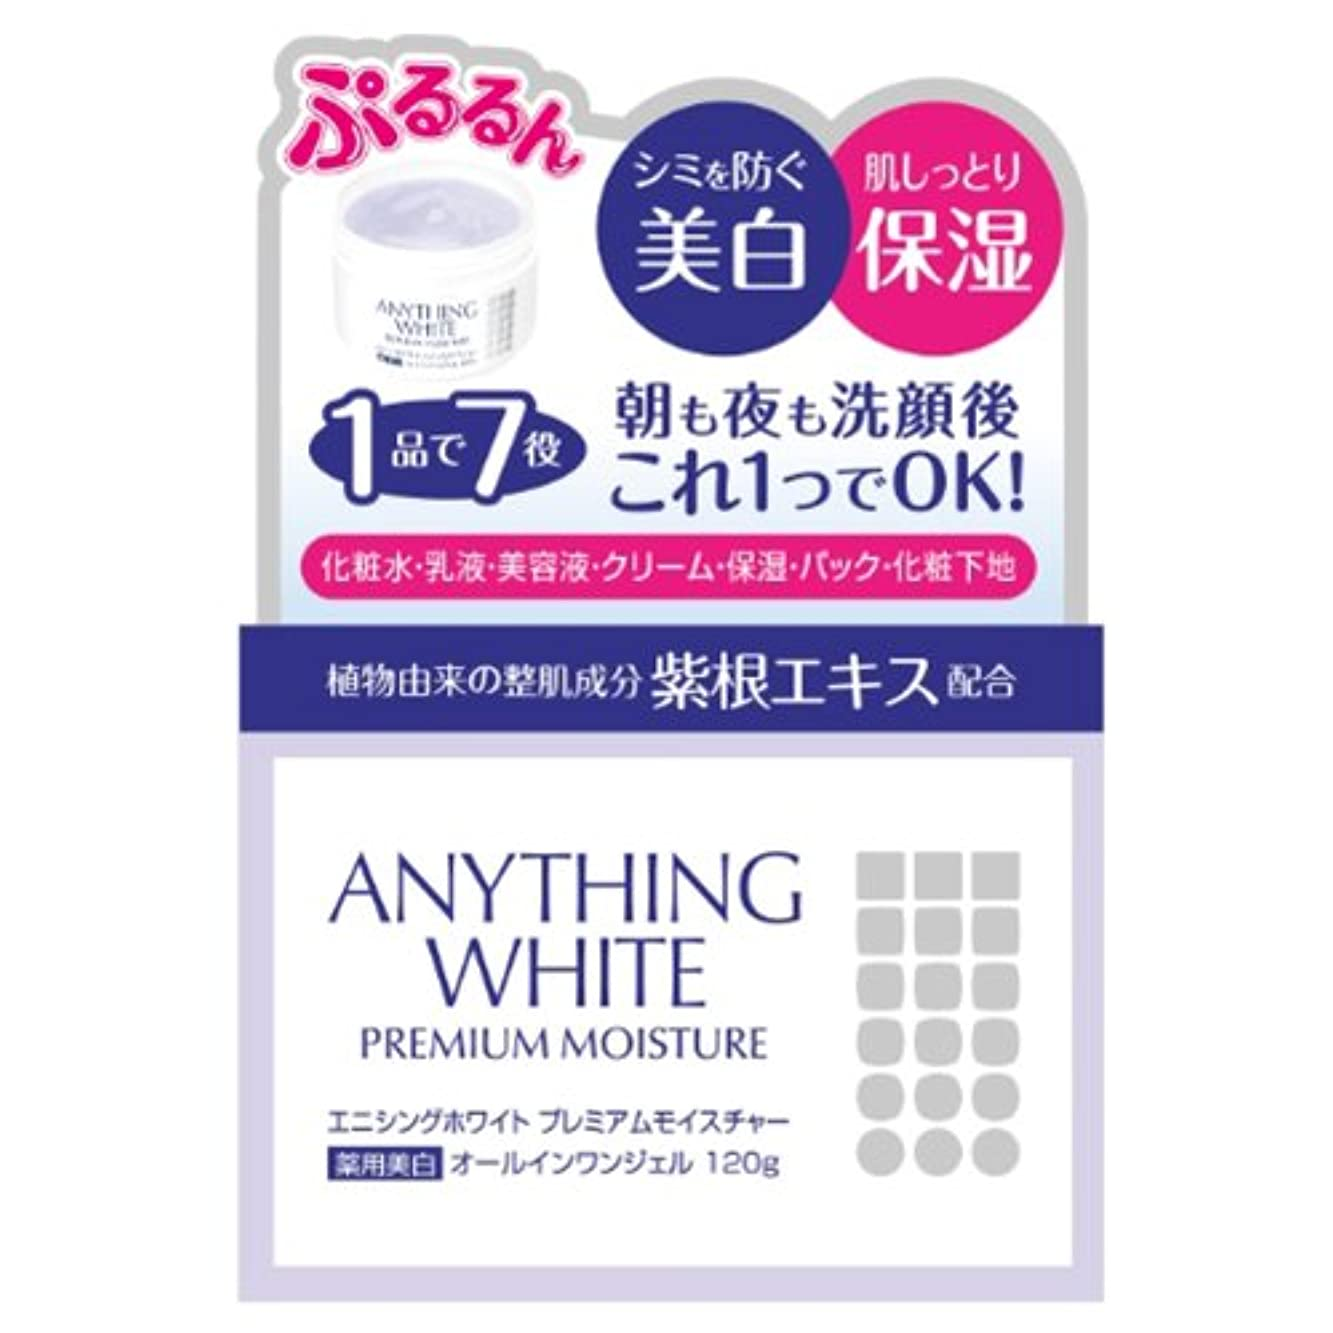 残りバッグ冷えるエニシングホワイト プレミアムモイスチャー 120g